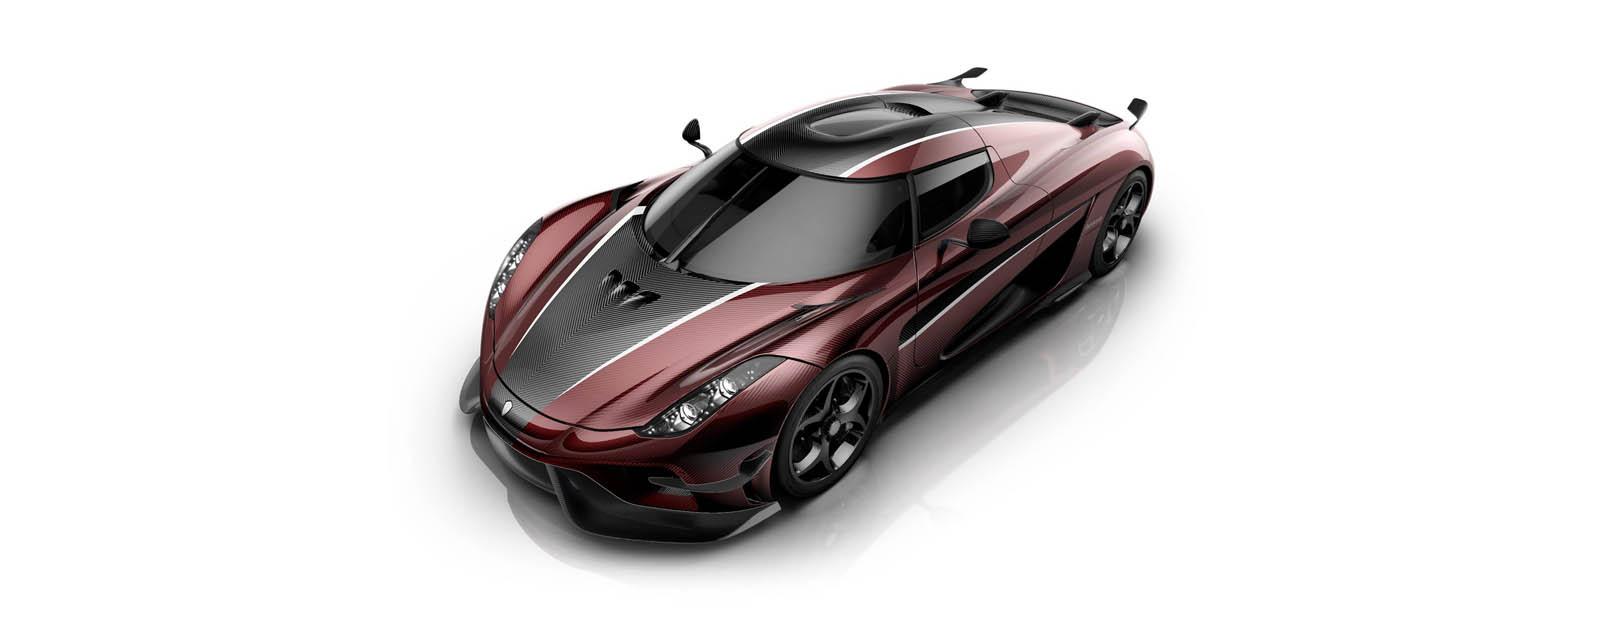 Koenigsegg Regera Red Carbon